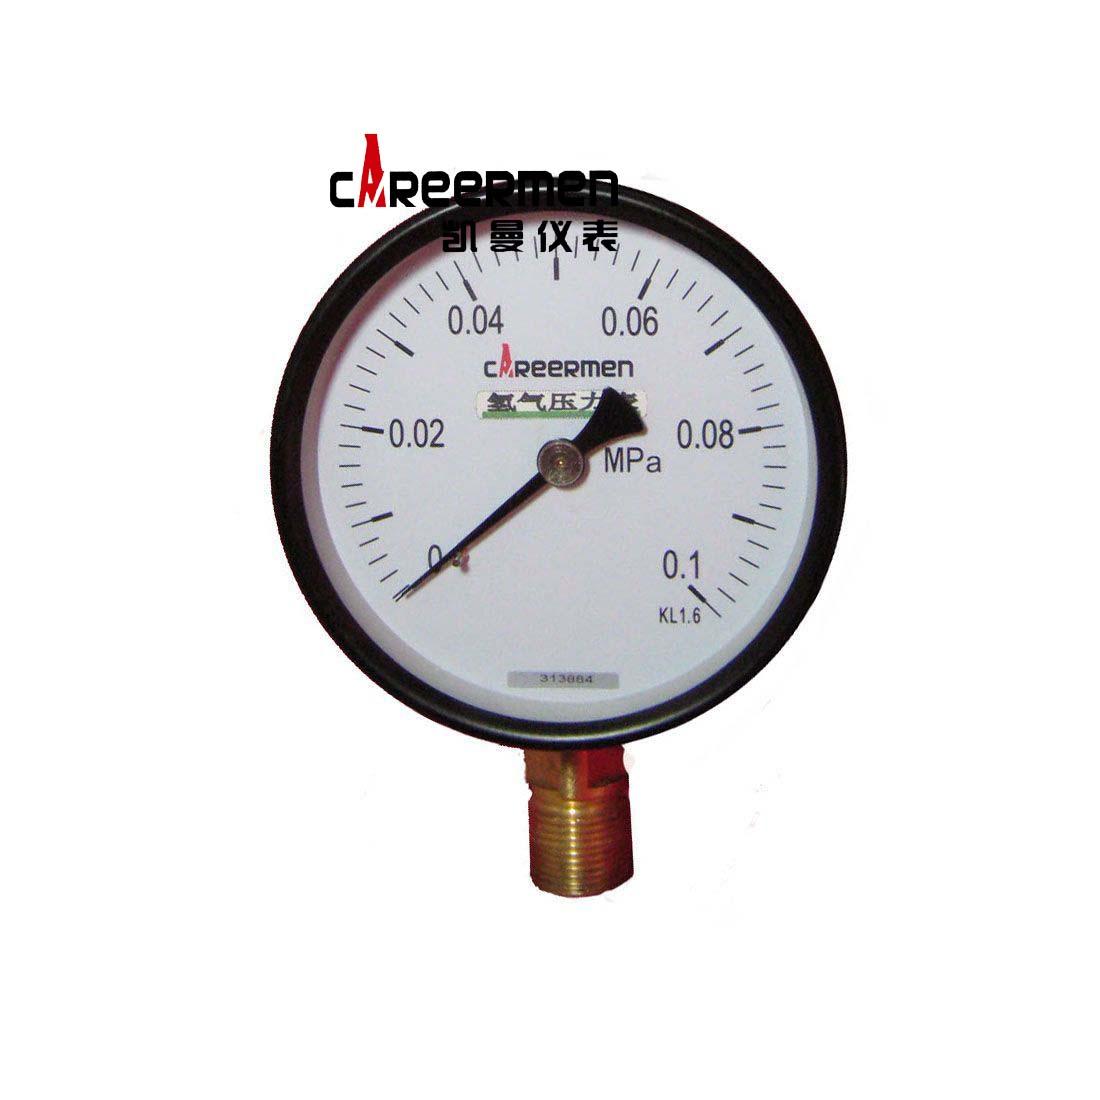 > 气体压力_气体压力传感器   气体压力表,用于测量气体压力的仪表.